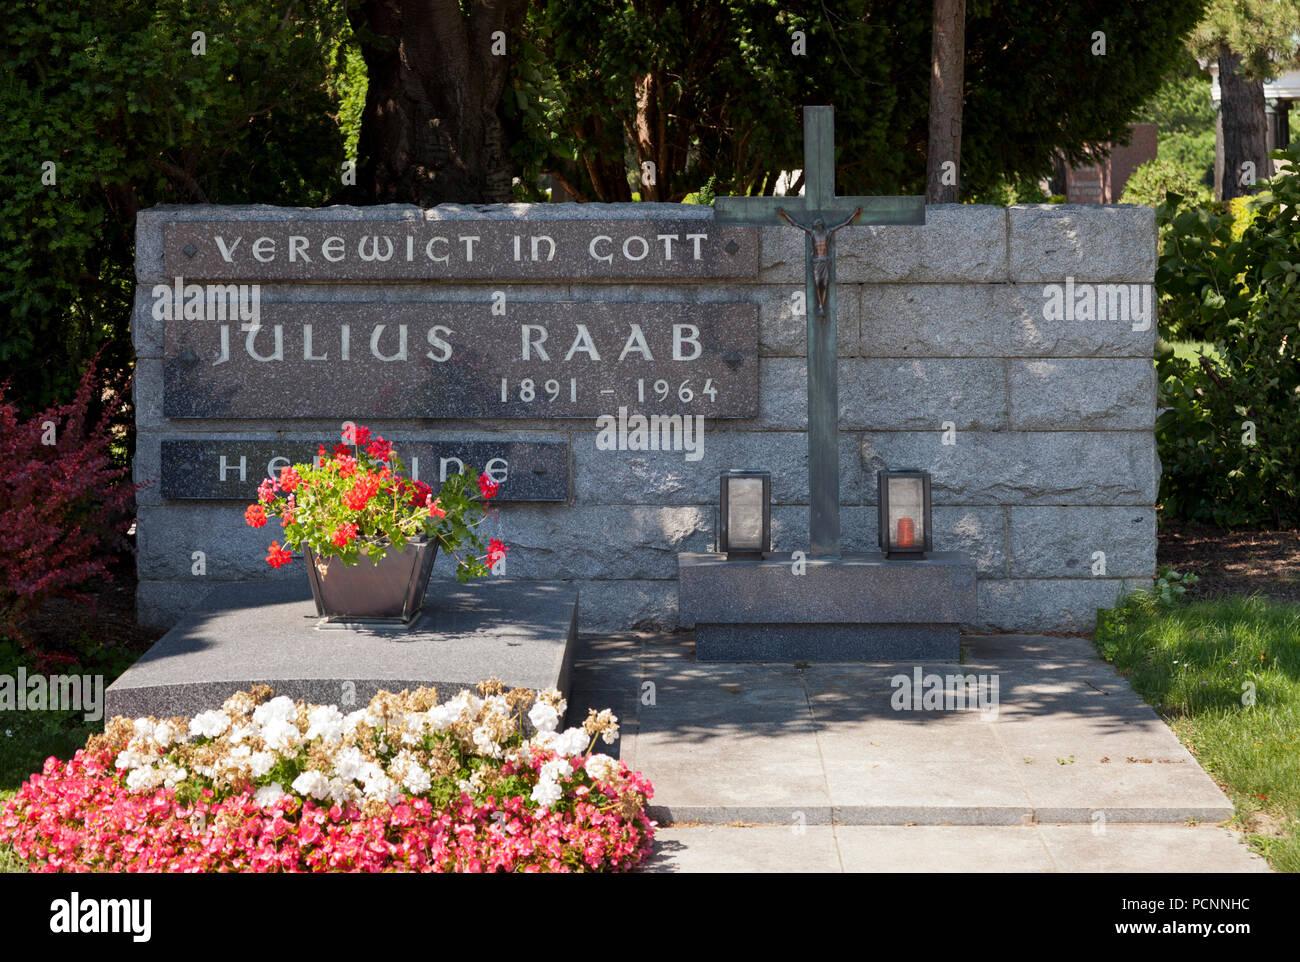 Grabmal von Julius Raab, 1891-1964, Politiker, Bundeskanzler der Republik Österreich - Stock Image